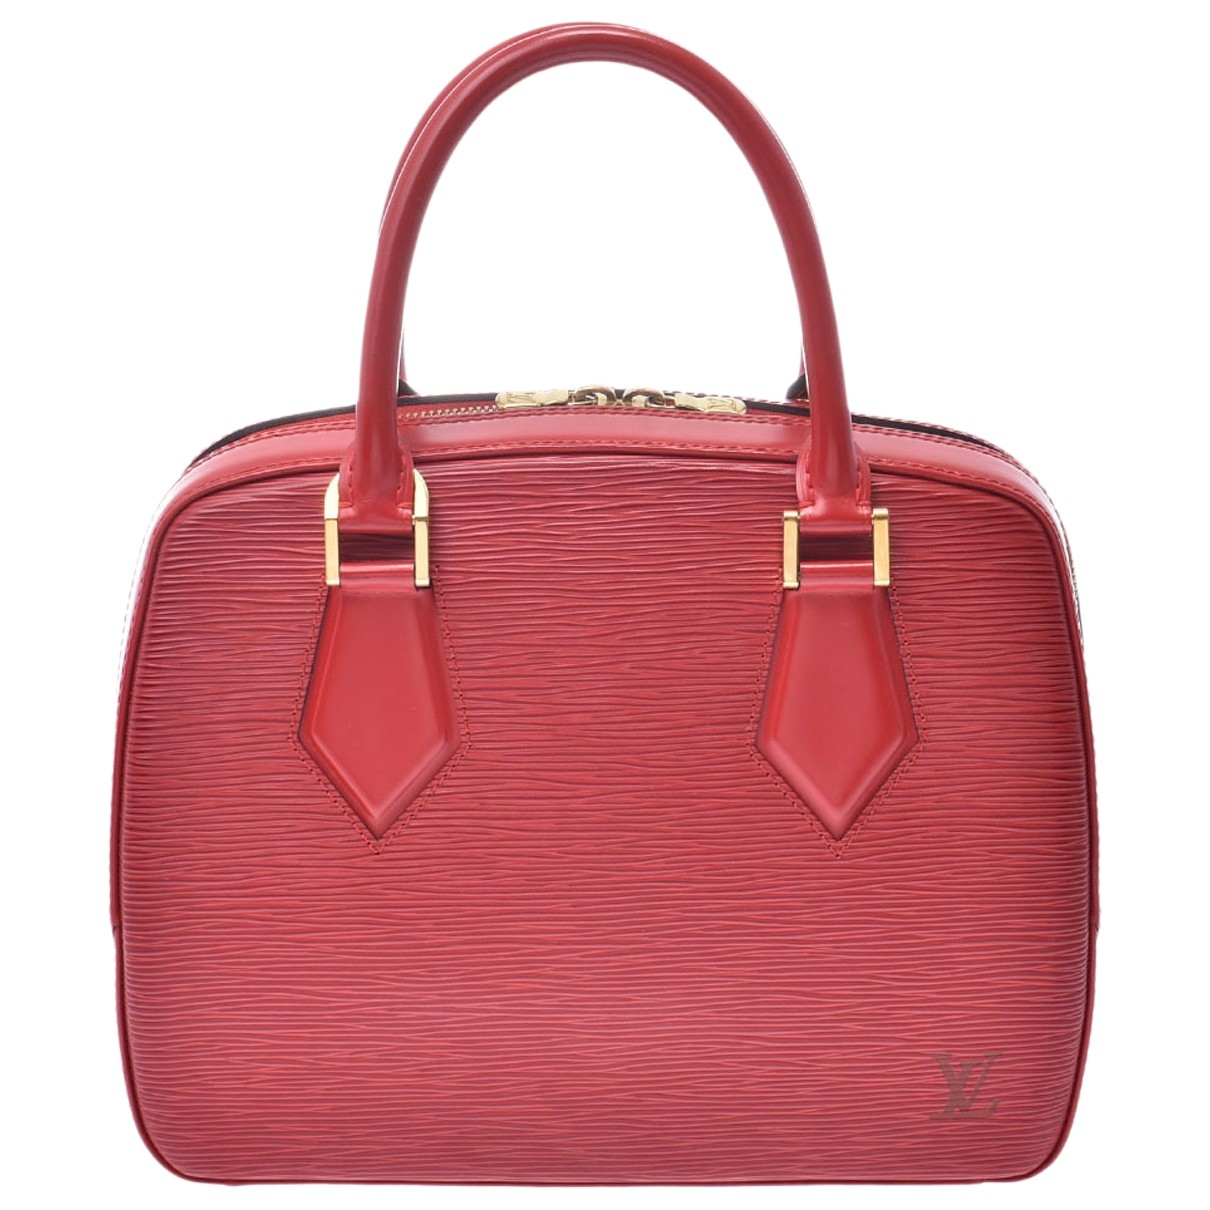 Louis Vuitton - Sac a main Sablon pour femme en cuir - rouge